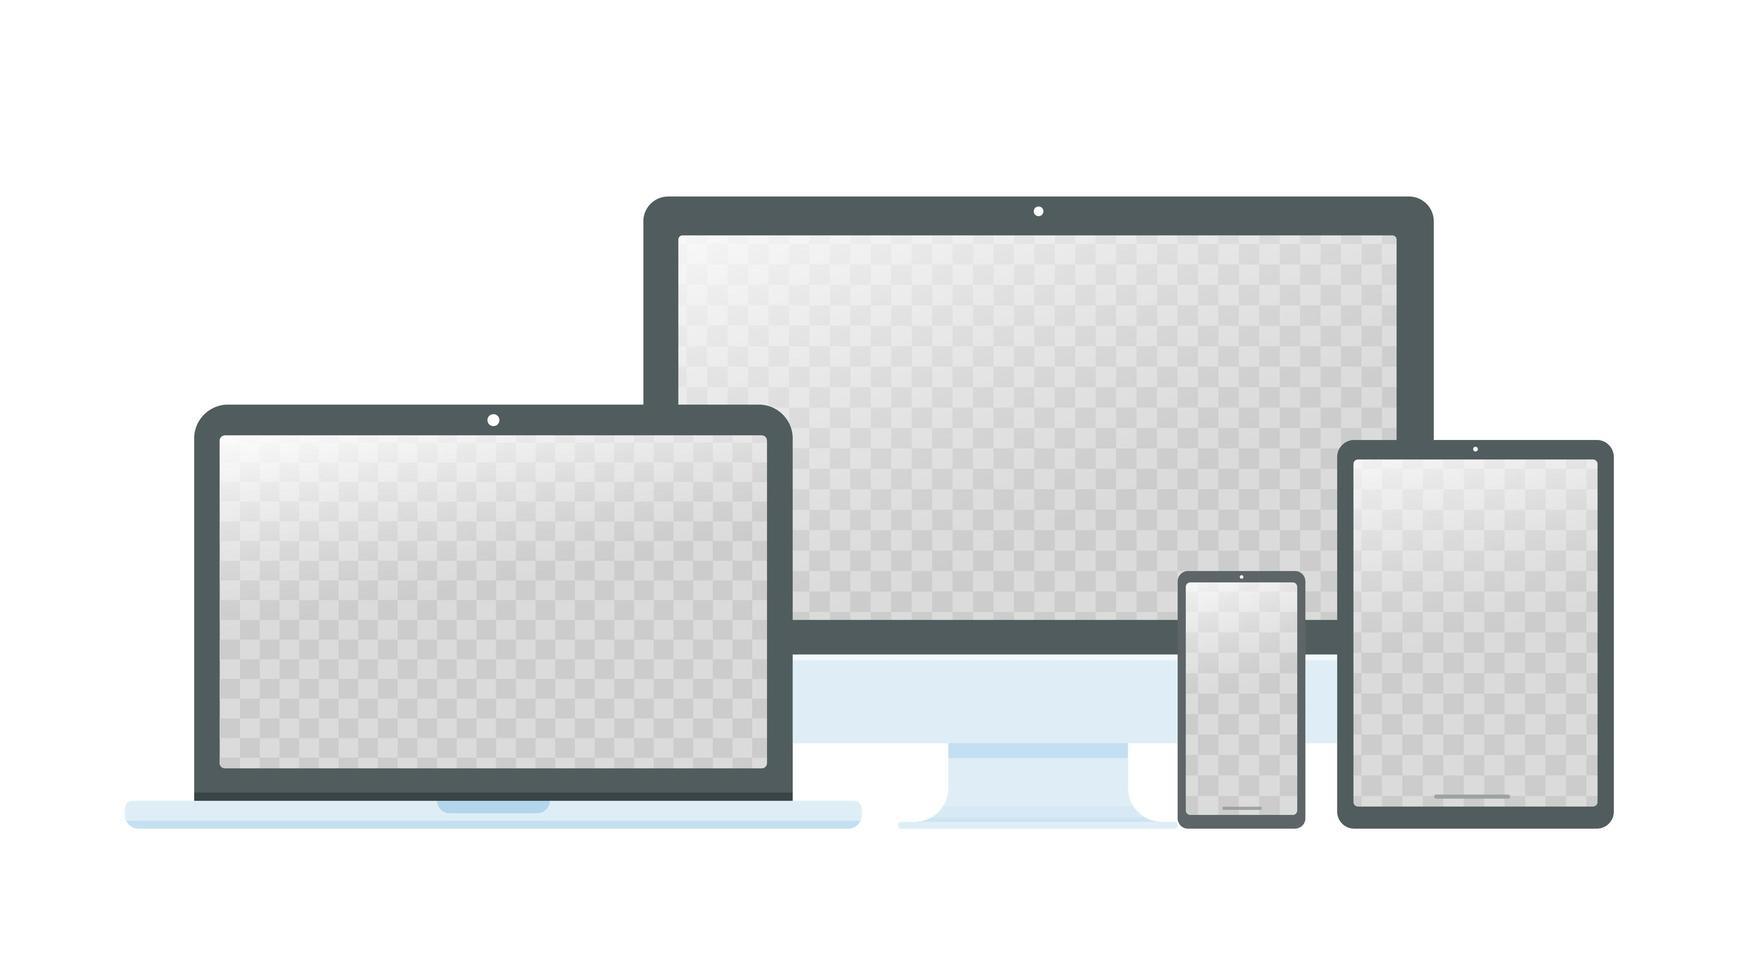 computadora de escritorio, laptop y teléfono inteligente vector